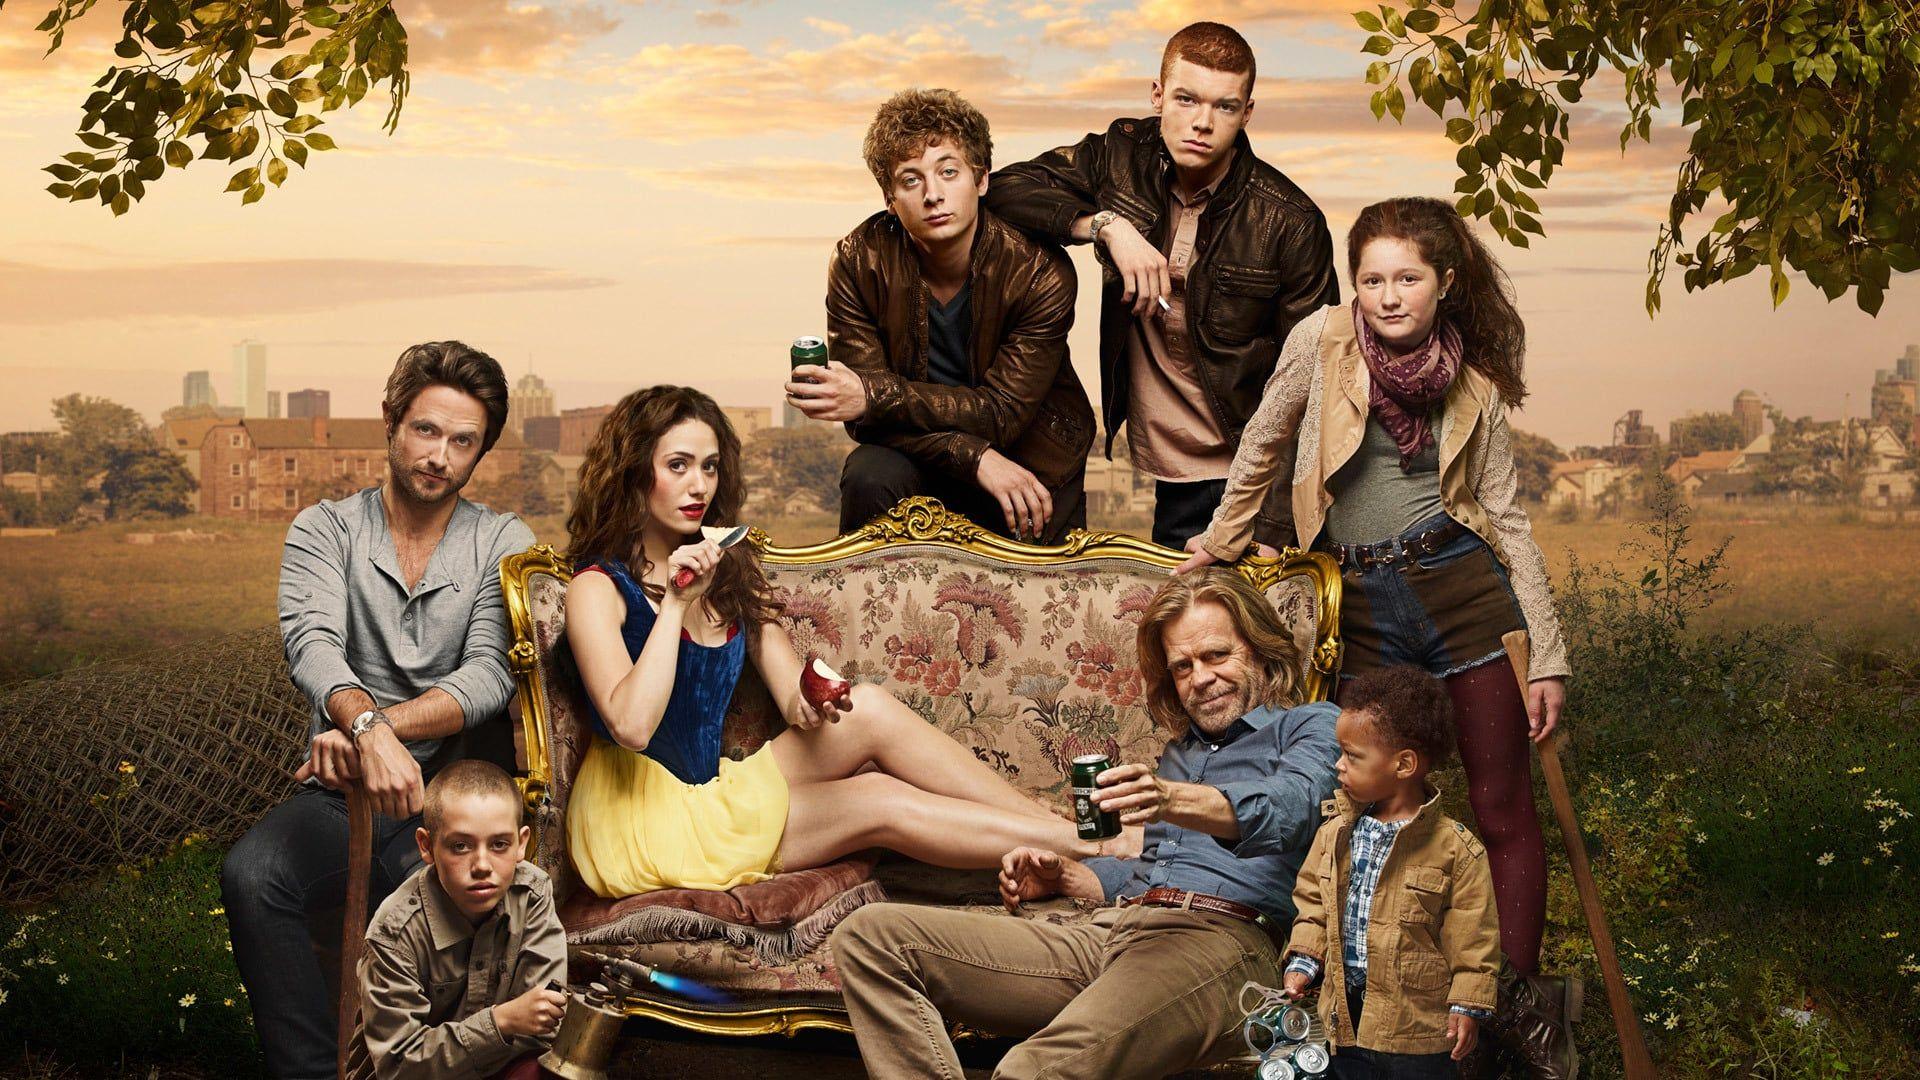 Shameless Season 9 Episode 1 Full Streaming Shameless Season Shameless Tv Show Shameless Season 6